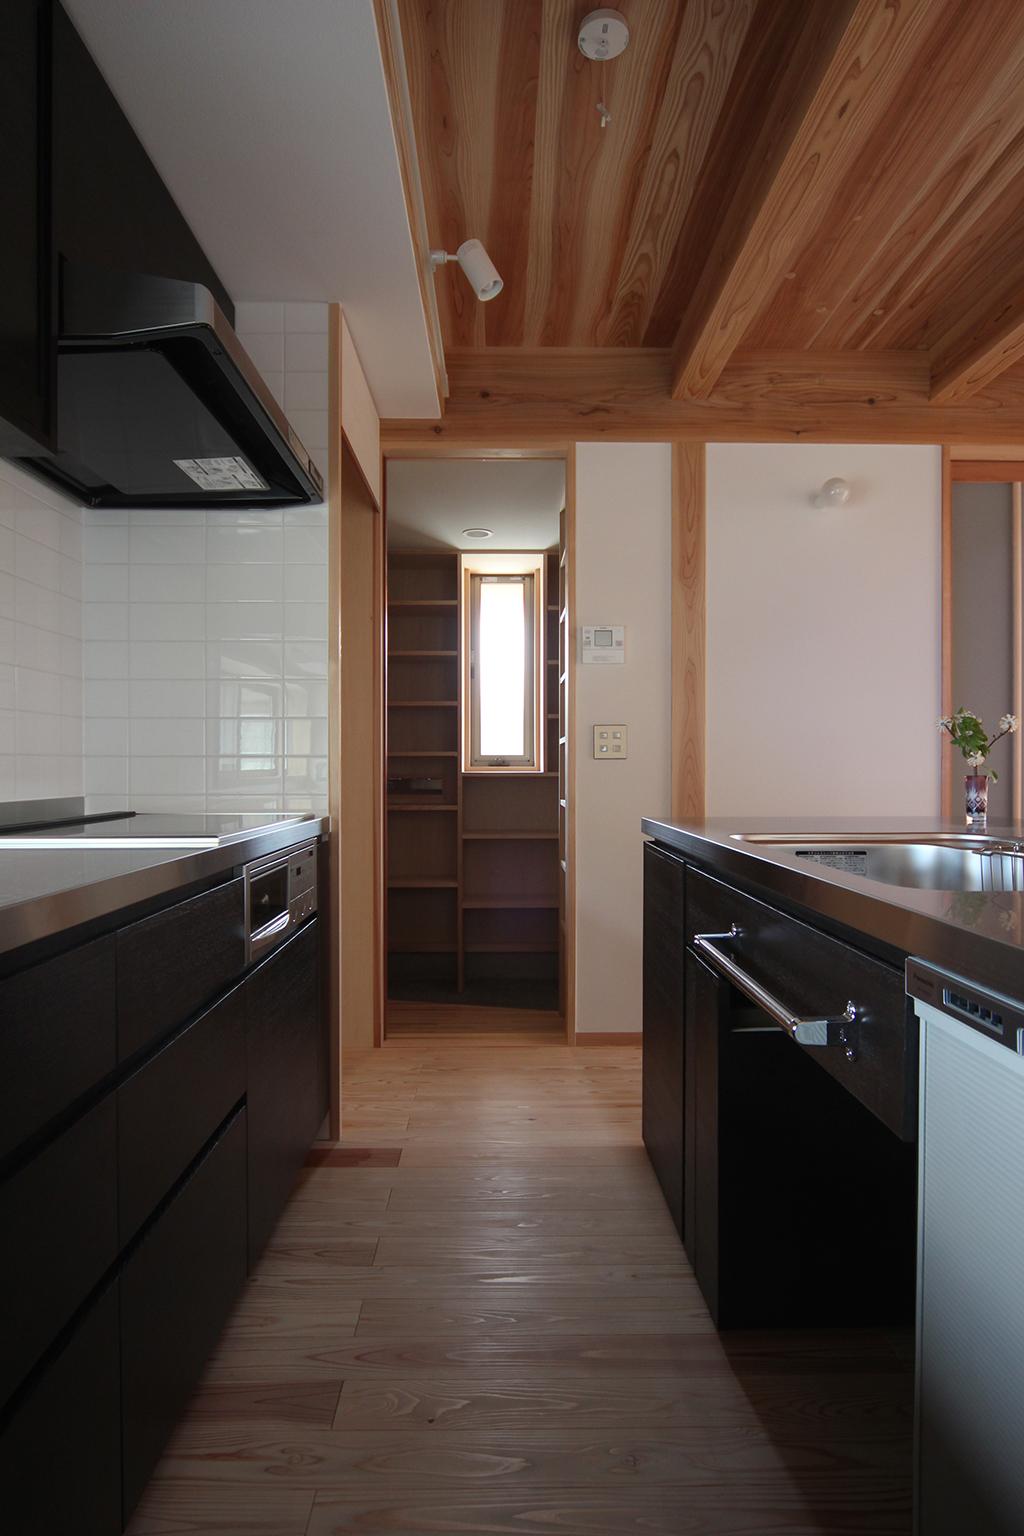 姫路市の木の家 オリジナルキッチンとパントリー